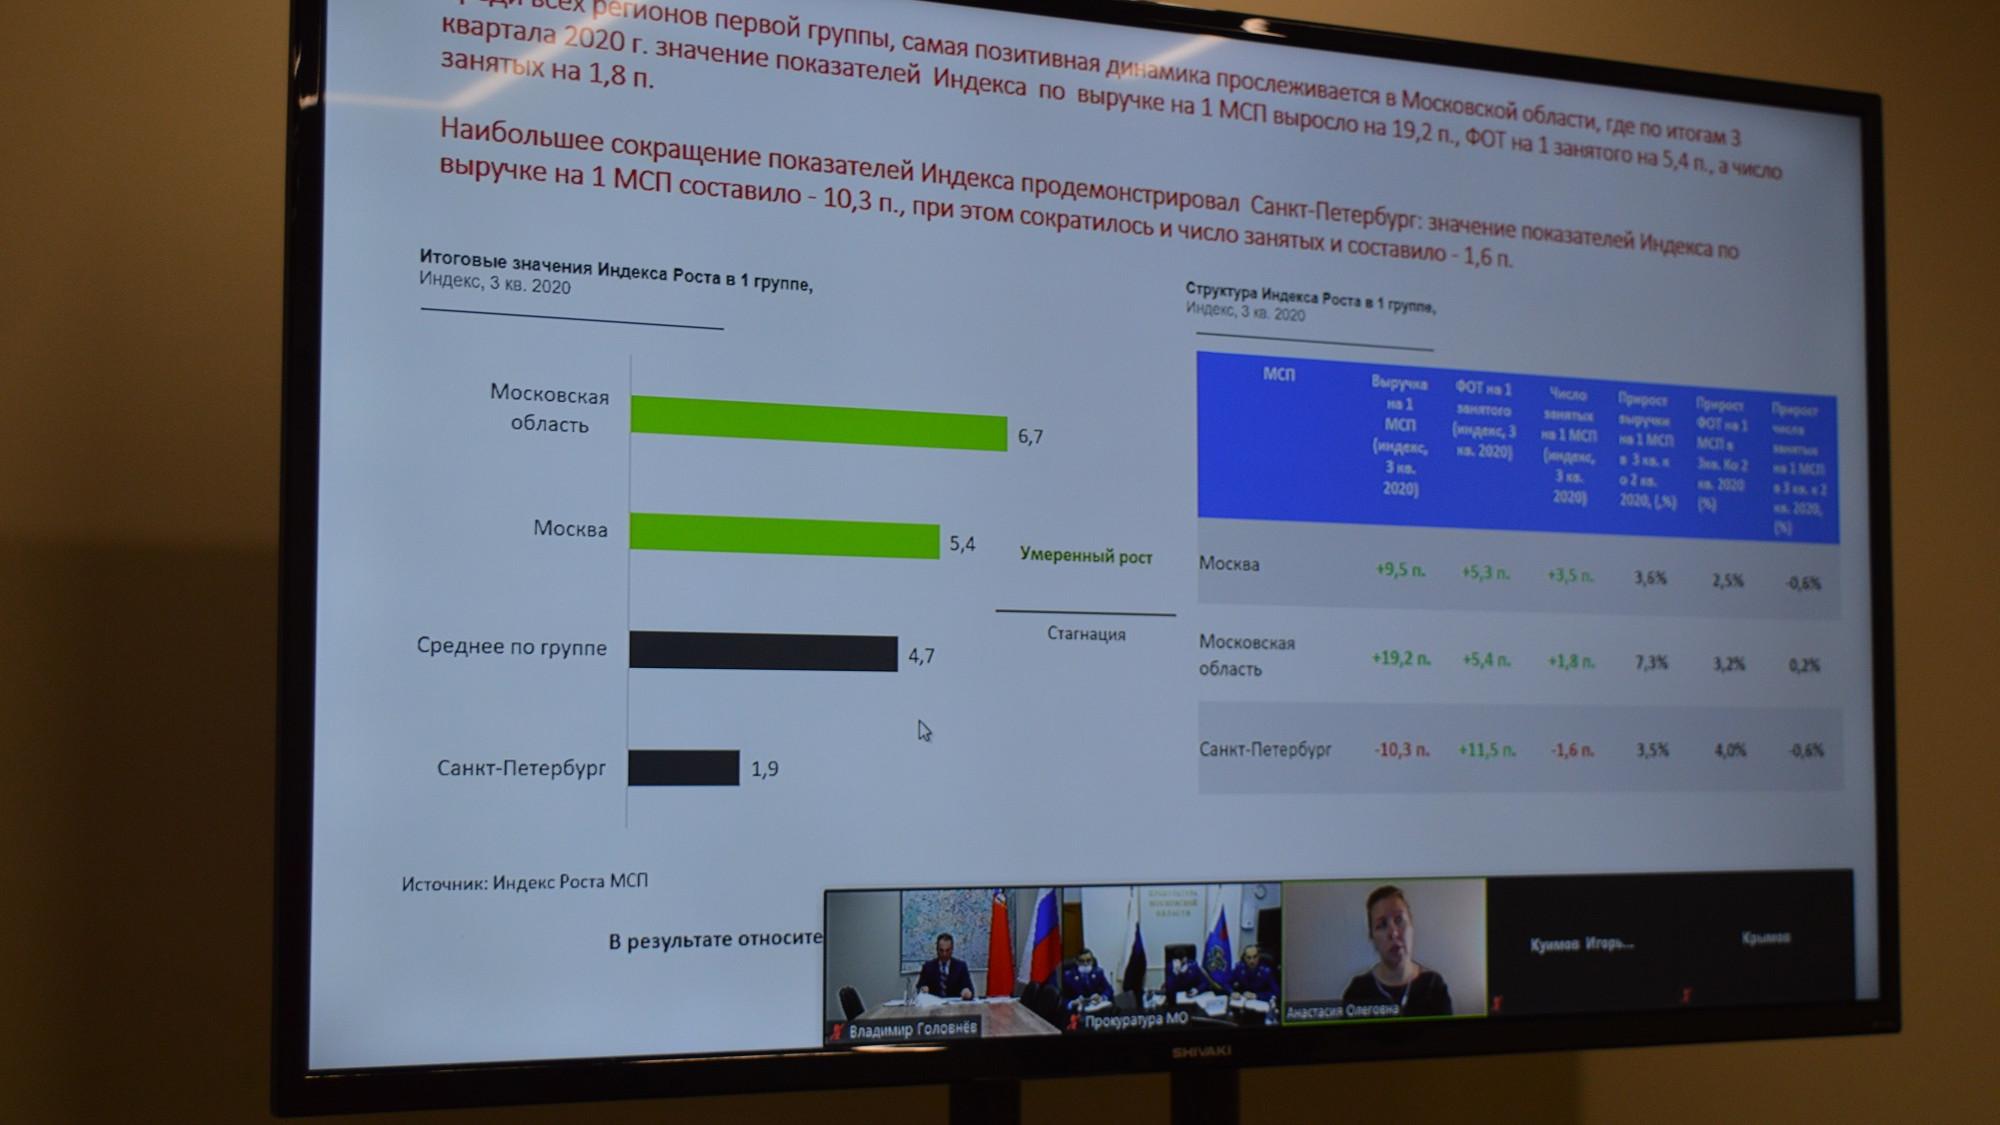 Эксперты обсудили показатели индекса роста МСП в Московской области